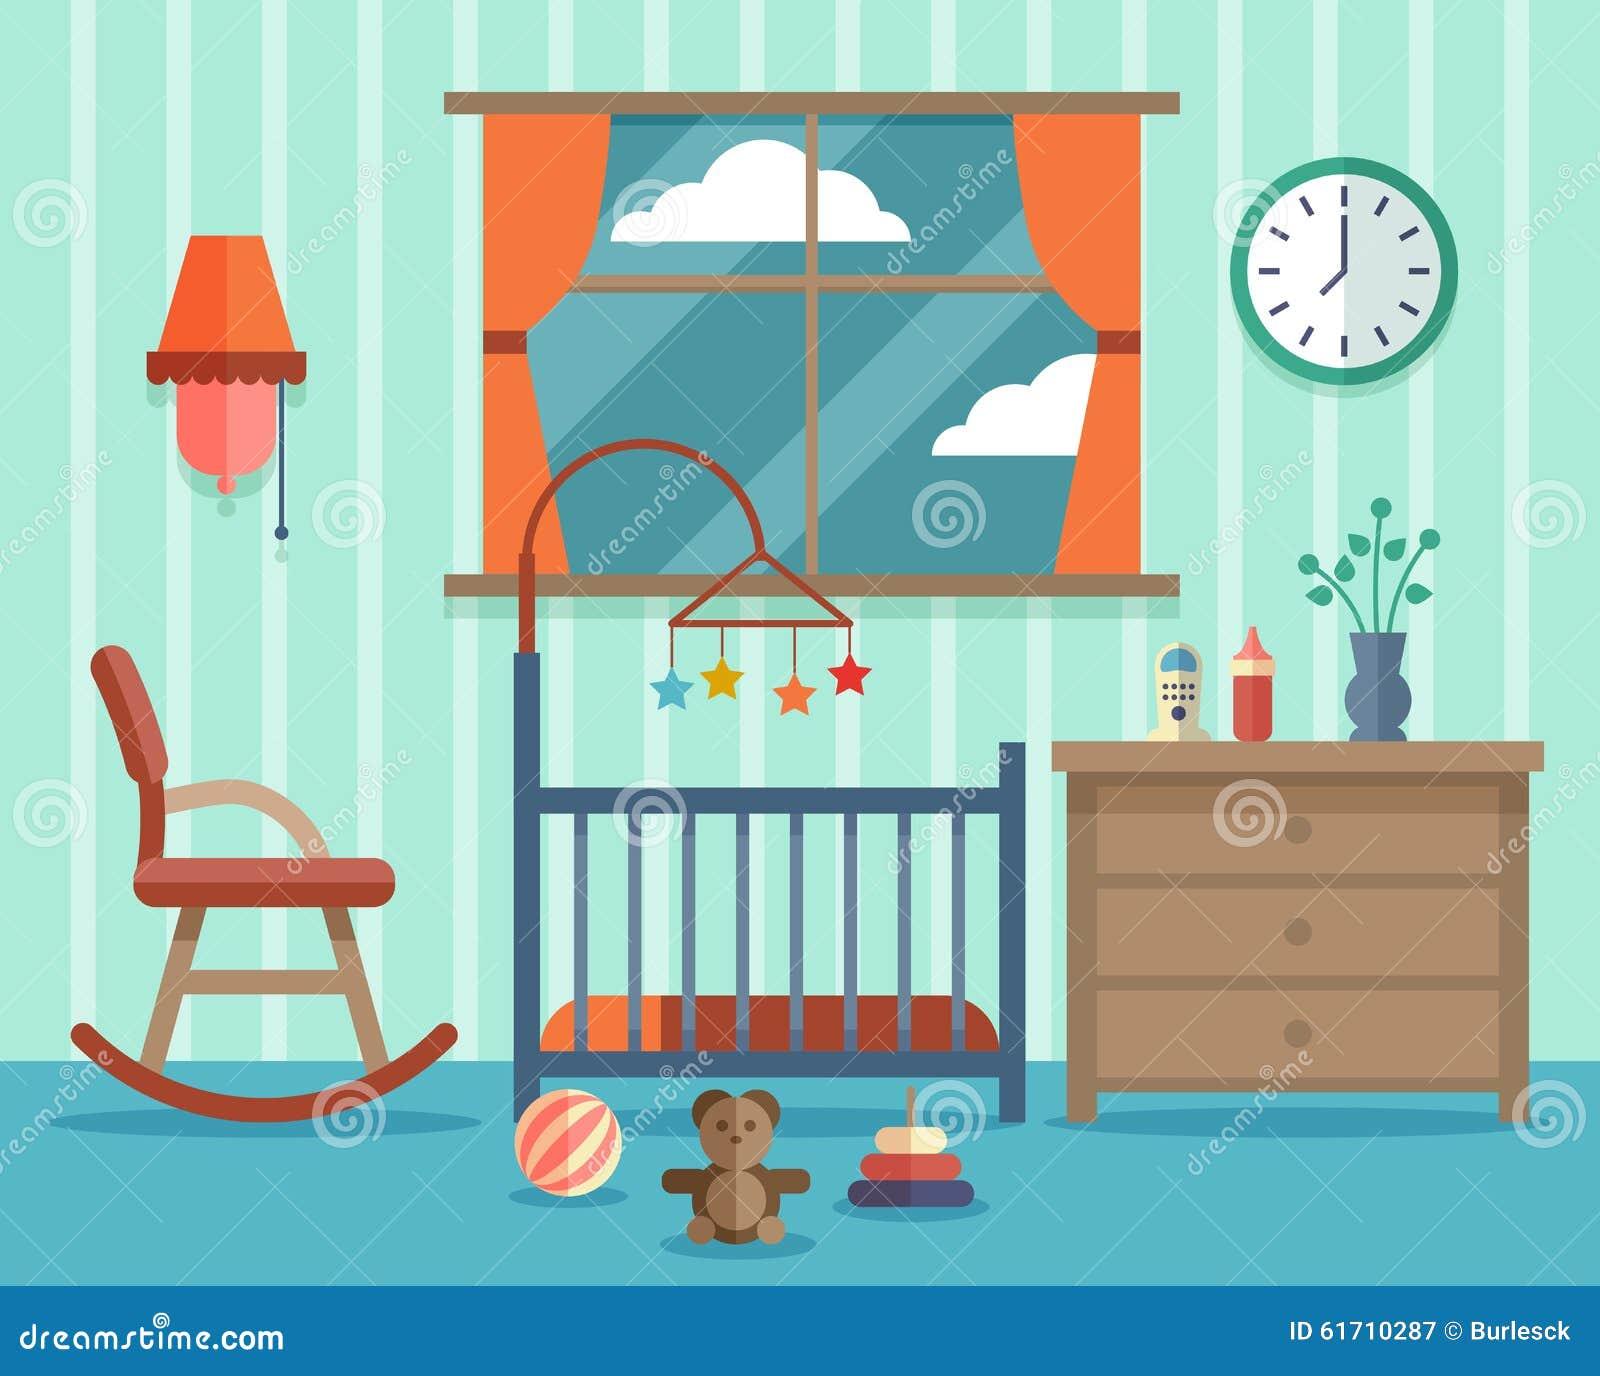 chambre d 39 enfant pour le b b nouveau n vecteur plat illustration de vecteur image 61710287. Black Bedroom Furniture Sets. Home Design Ideas